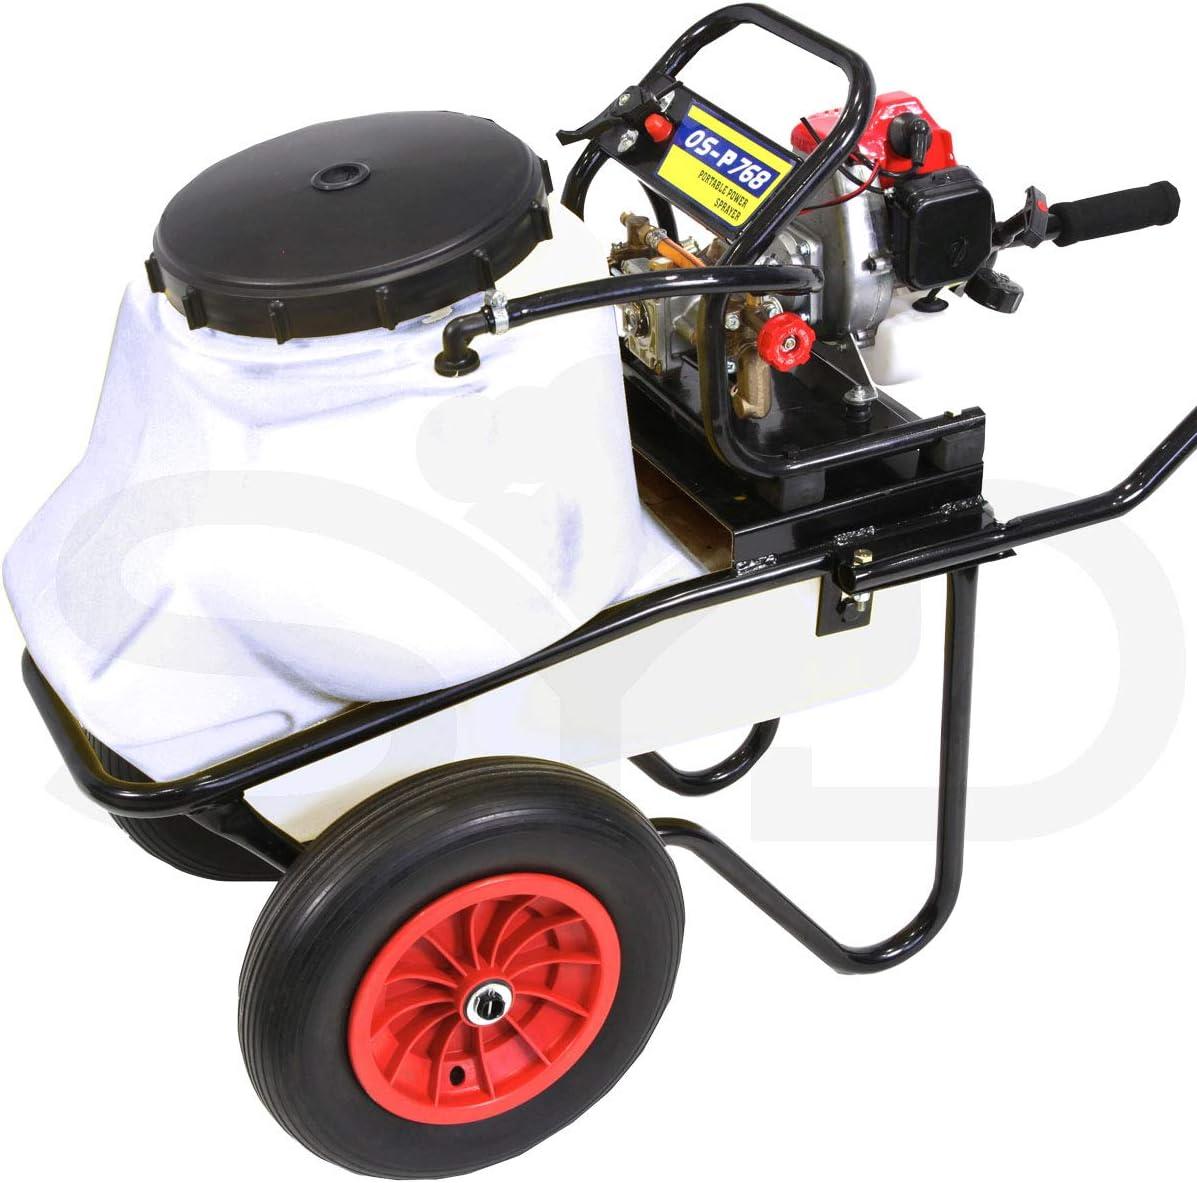 Carretilla para fumigar. Motor 4 tiempos 30bar 10ltr. Bomba de 2 pistones de acero con cabeza cerámica.